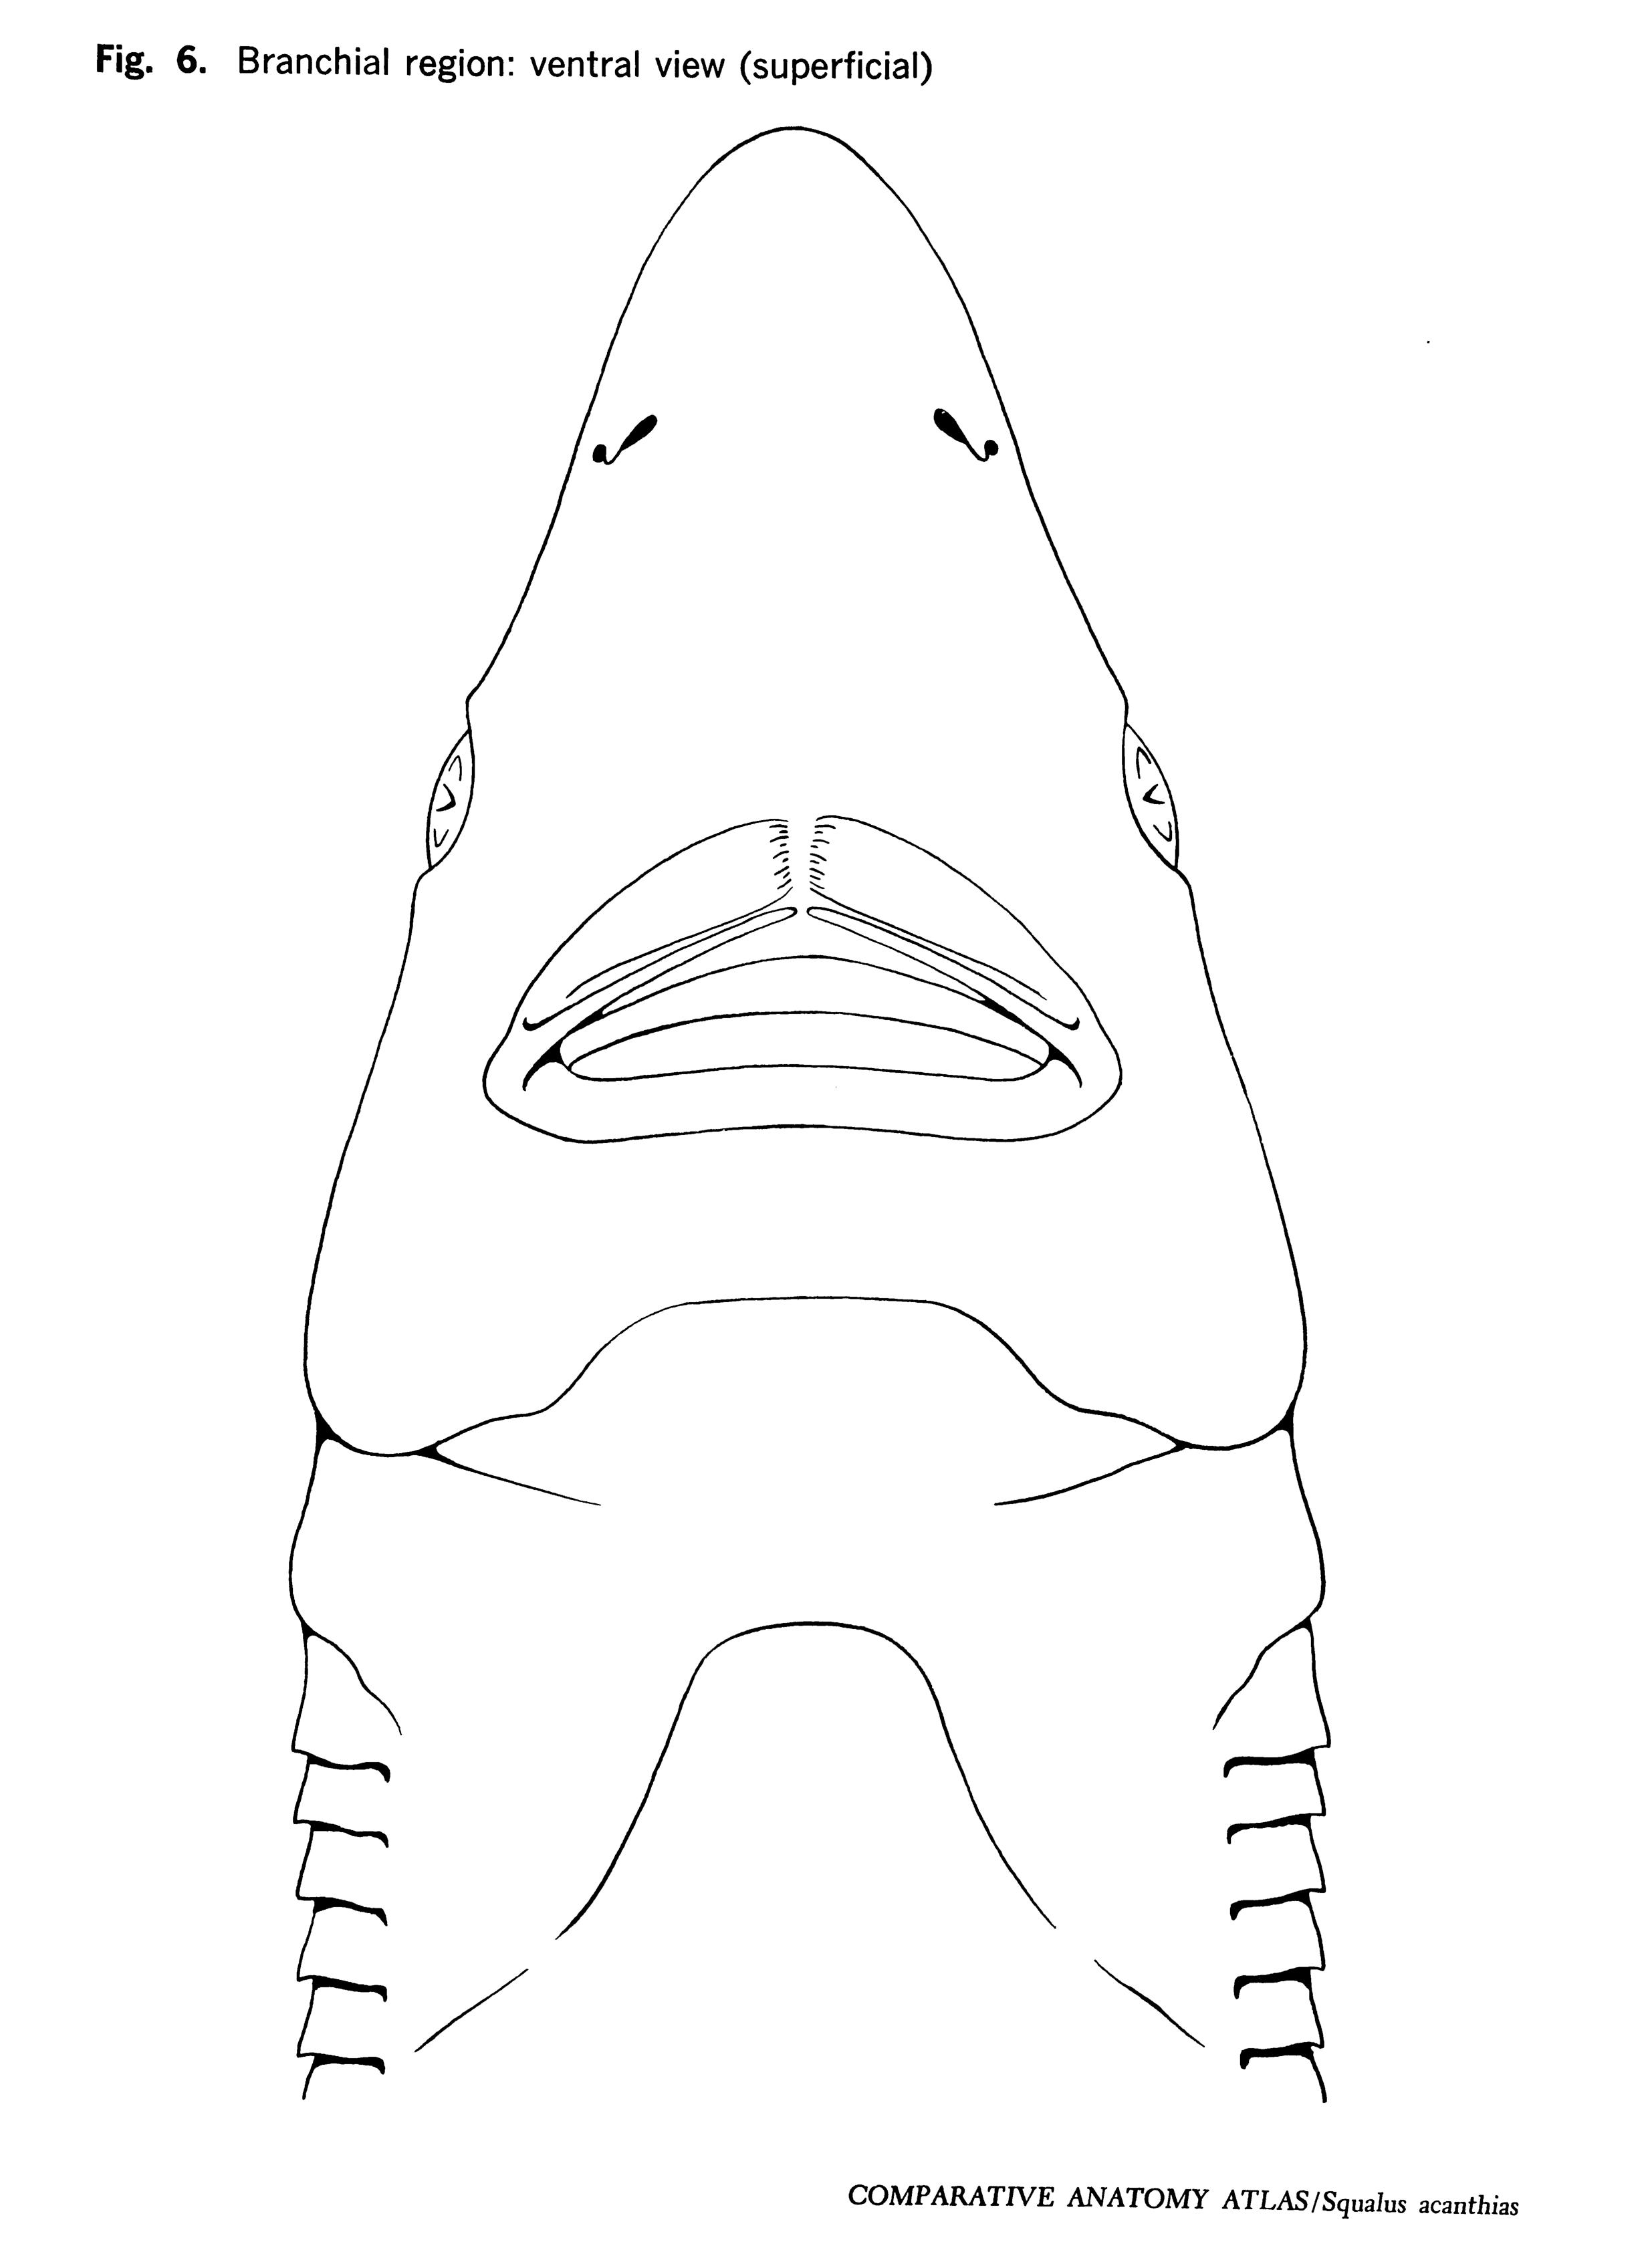 Squalus acantbias Figure 6